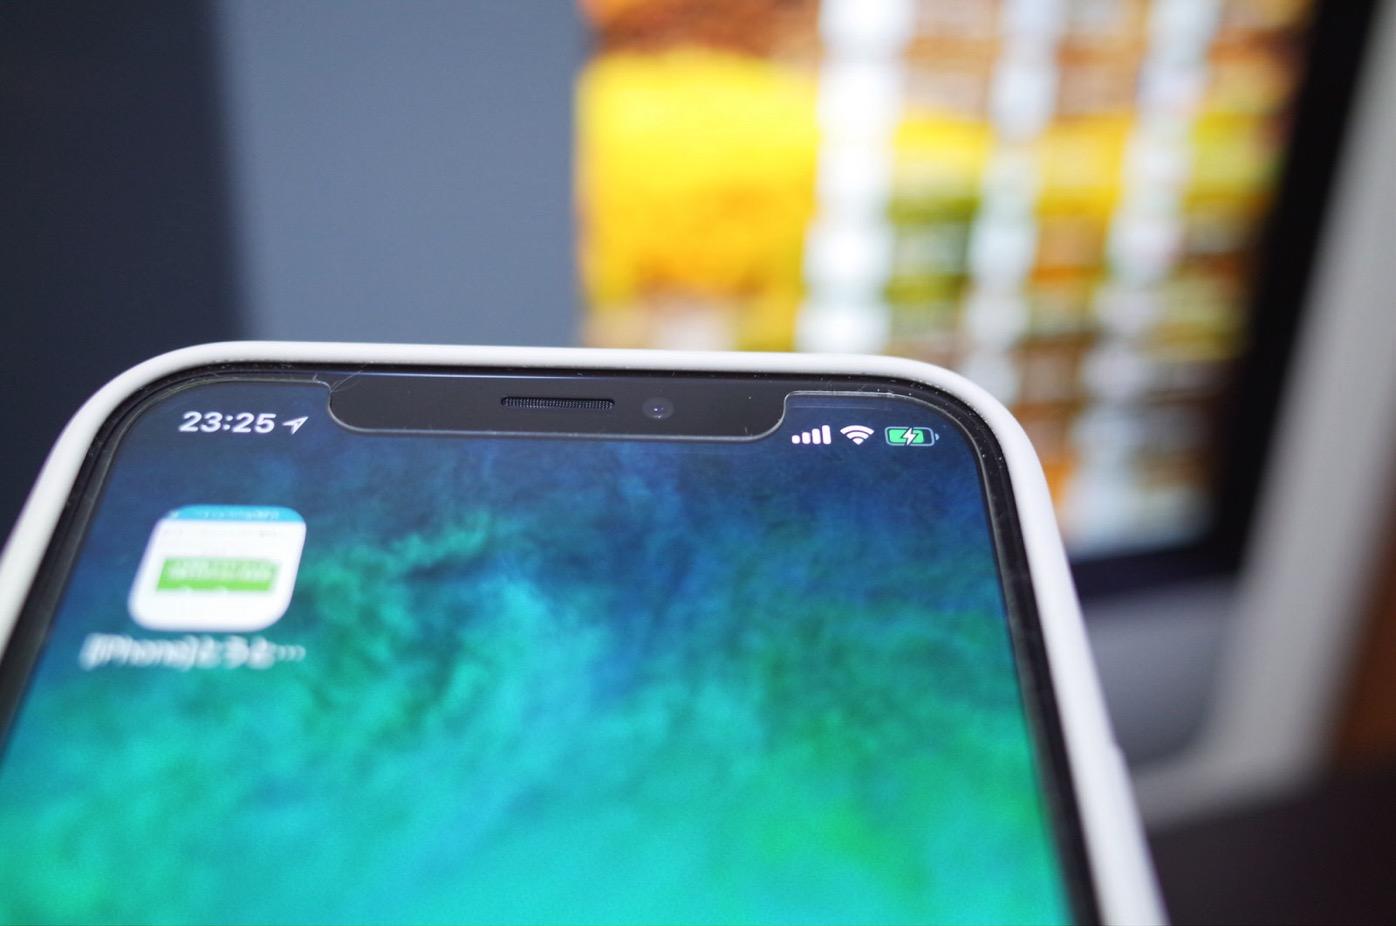 [iPhone]新型「iPhone X」でも簡易アクセスで片手で簡単に通知センターおよびコントロールセンターを呼び出すことができますよ